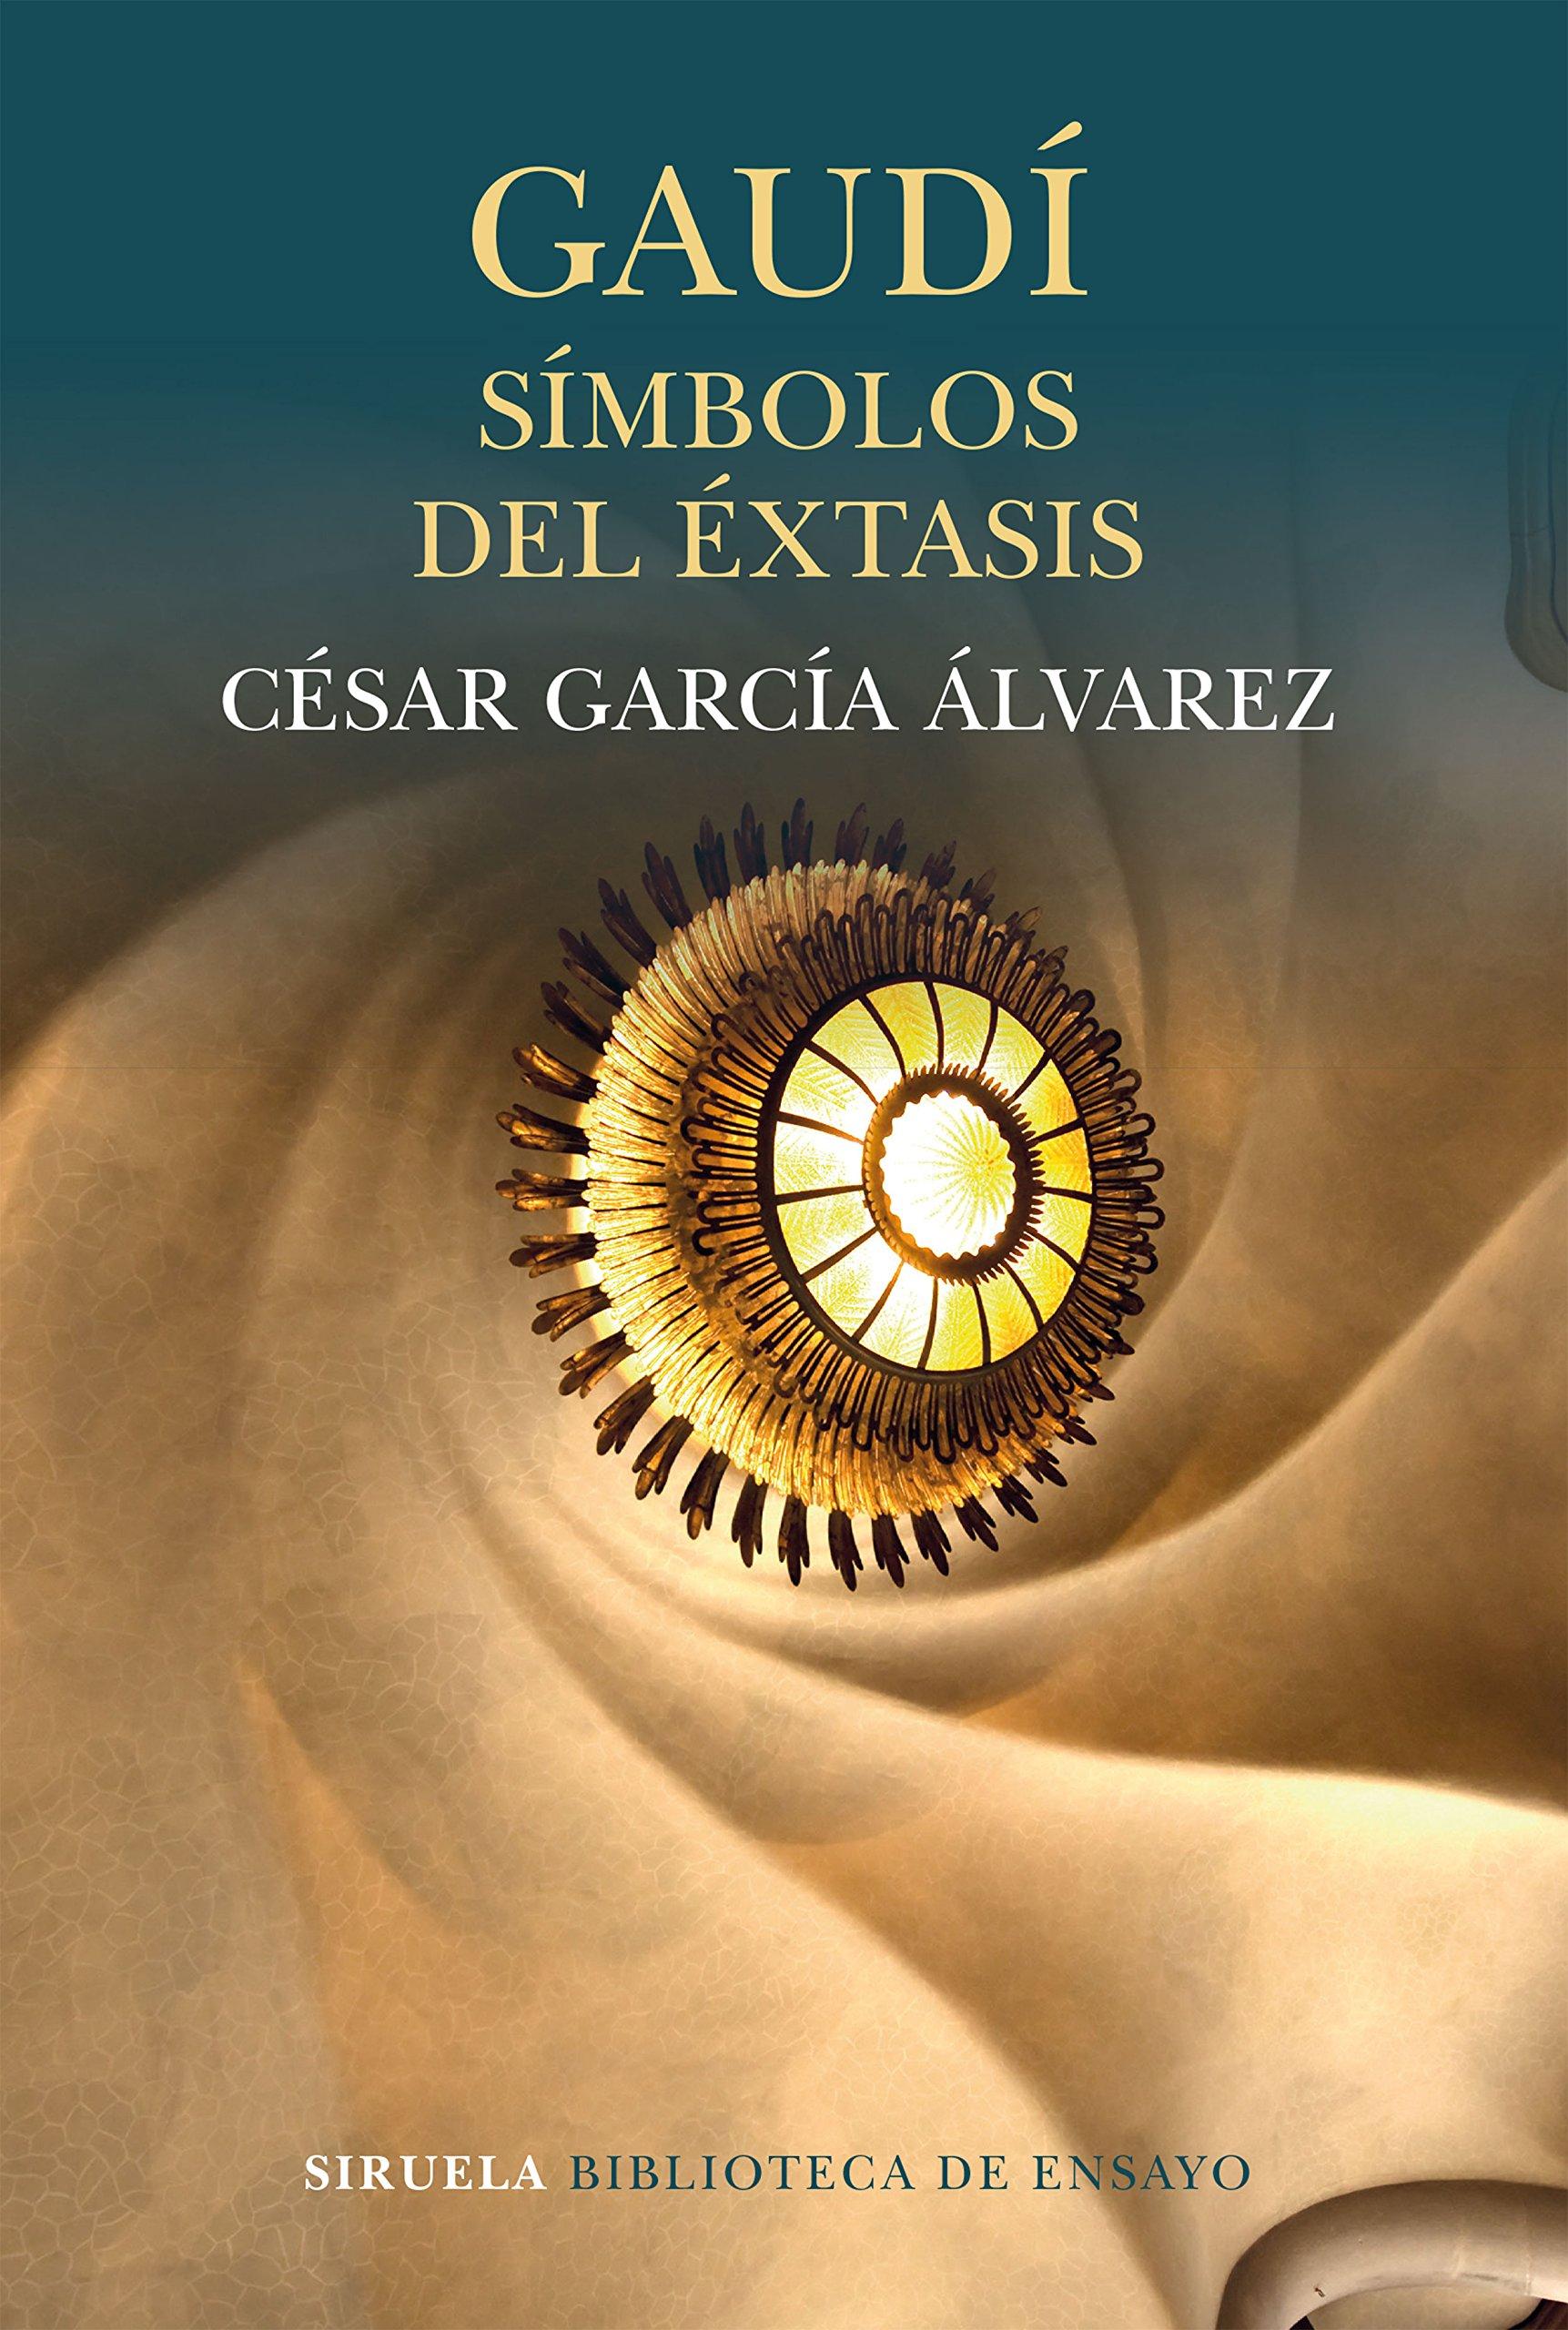 Gaudí. Símbolos del éxtasis (Biblioteca de Ensayo / Serie mayor) Tapa blanda – 21 jun 2017 César García Álvarez Siruela 8416964548 Philosophy: aesthetics